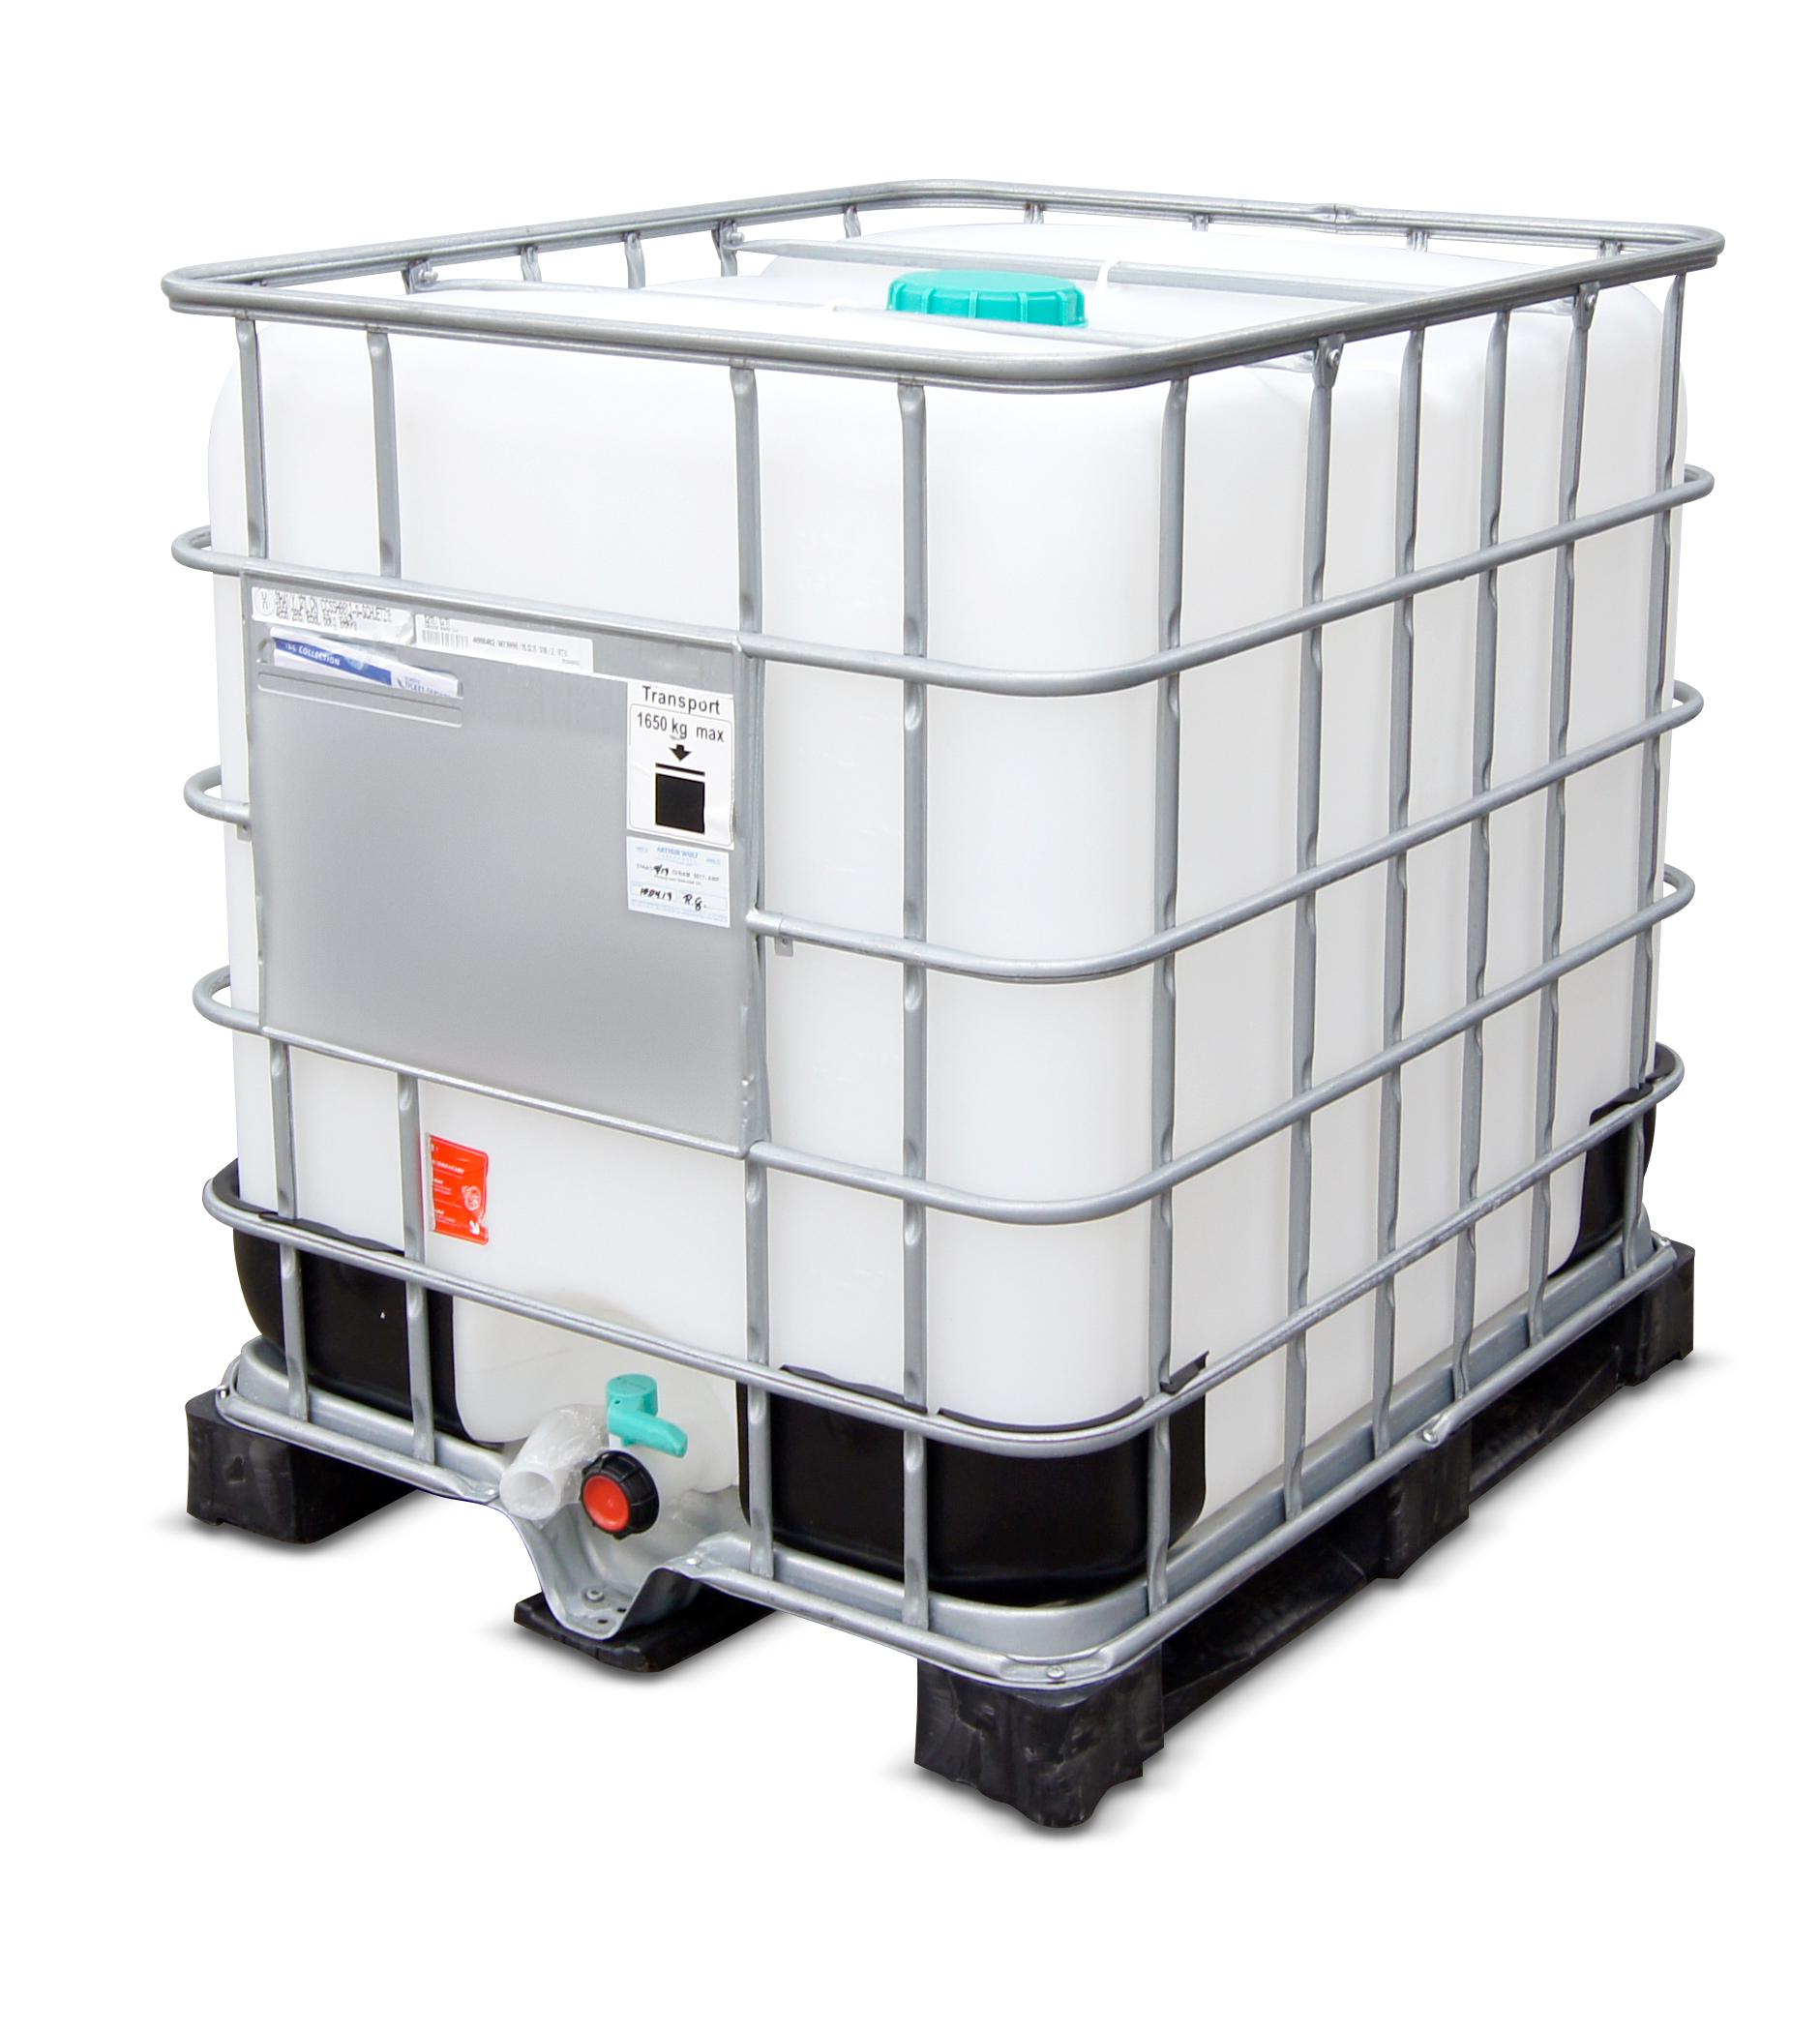 1000 L IBC Container, Kunststoffpalette, gebraucht gereinigt, 150/50, UN